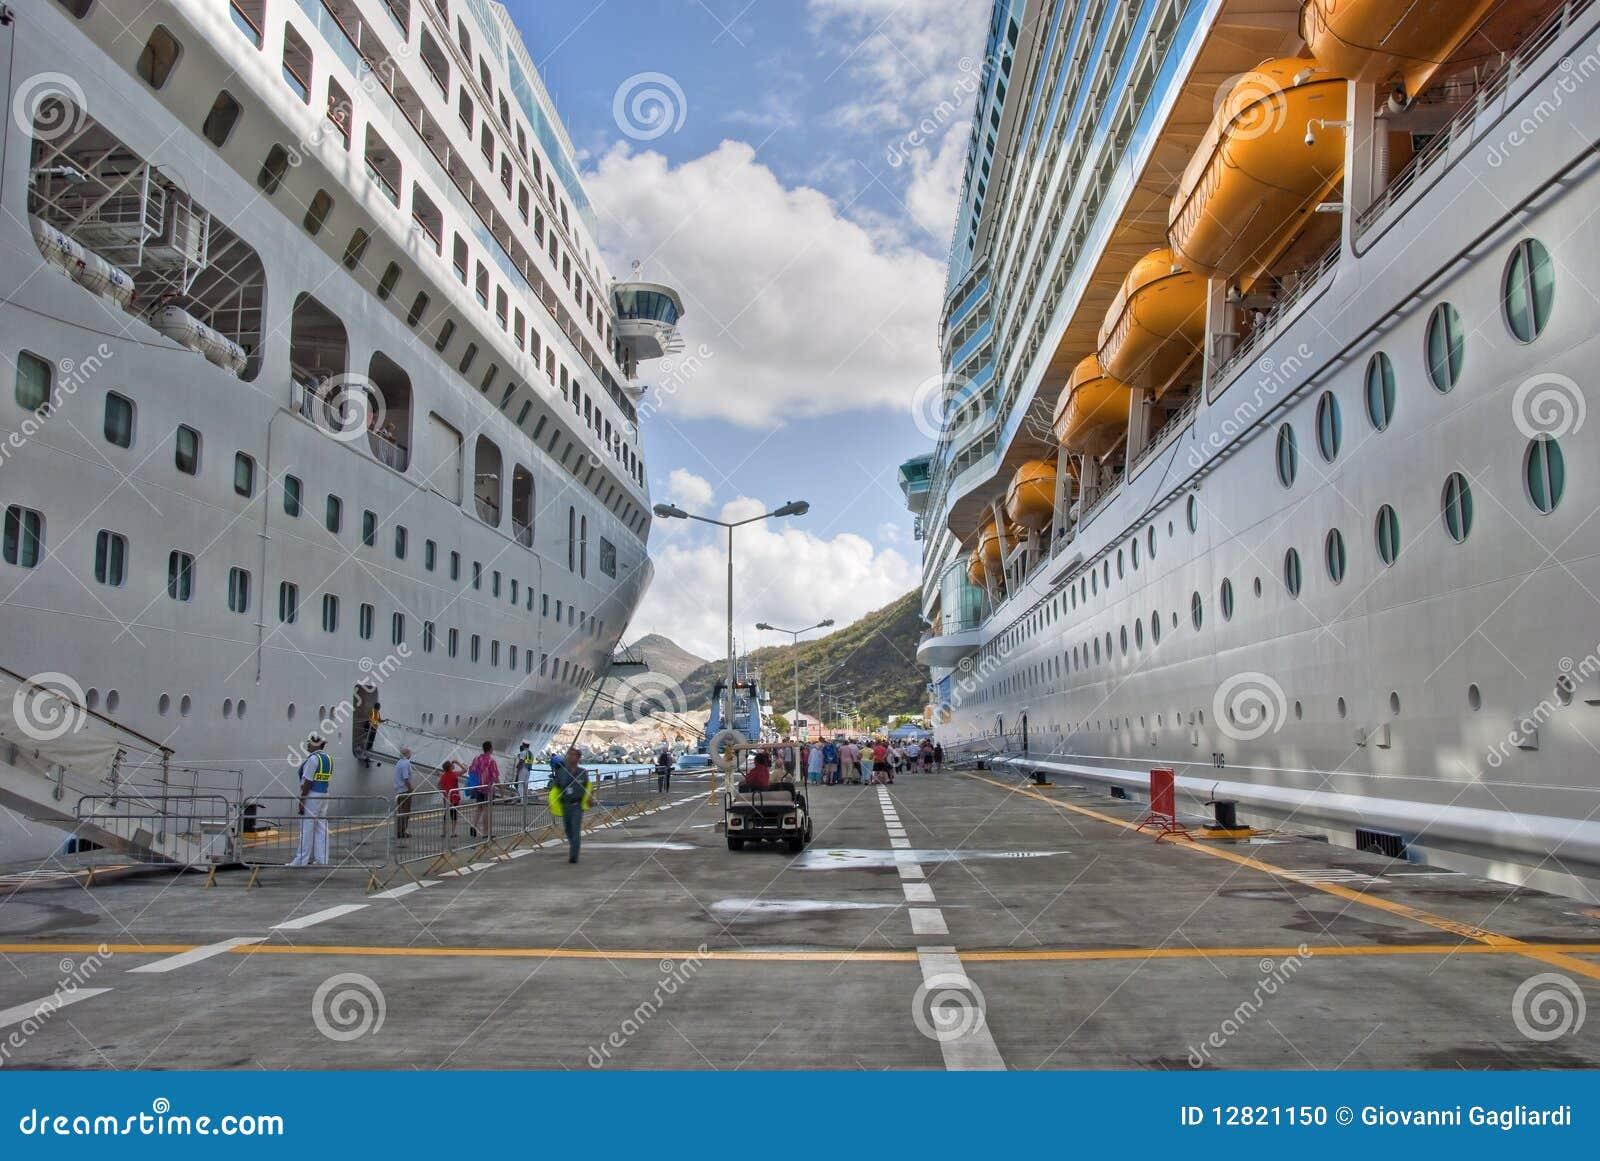 Navios de cruzeiros em Saint Maarteen, Antilhas holandesas